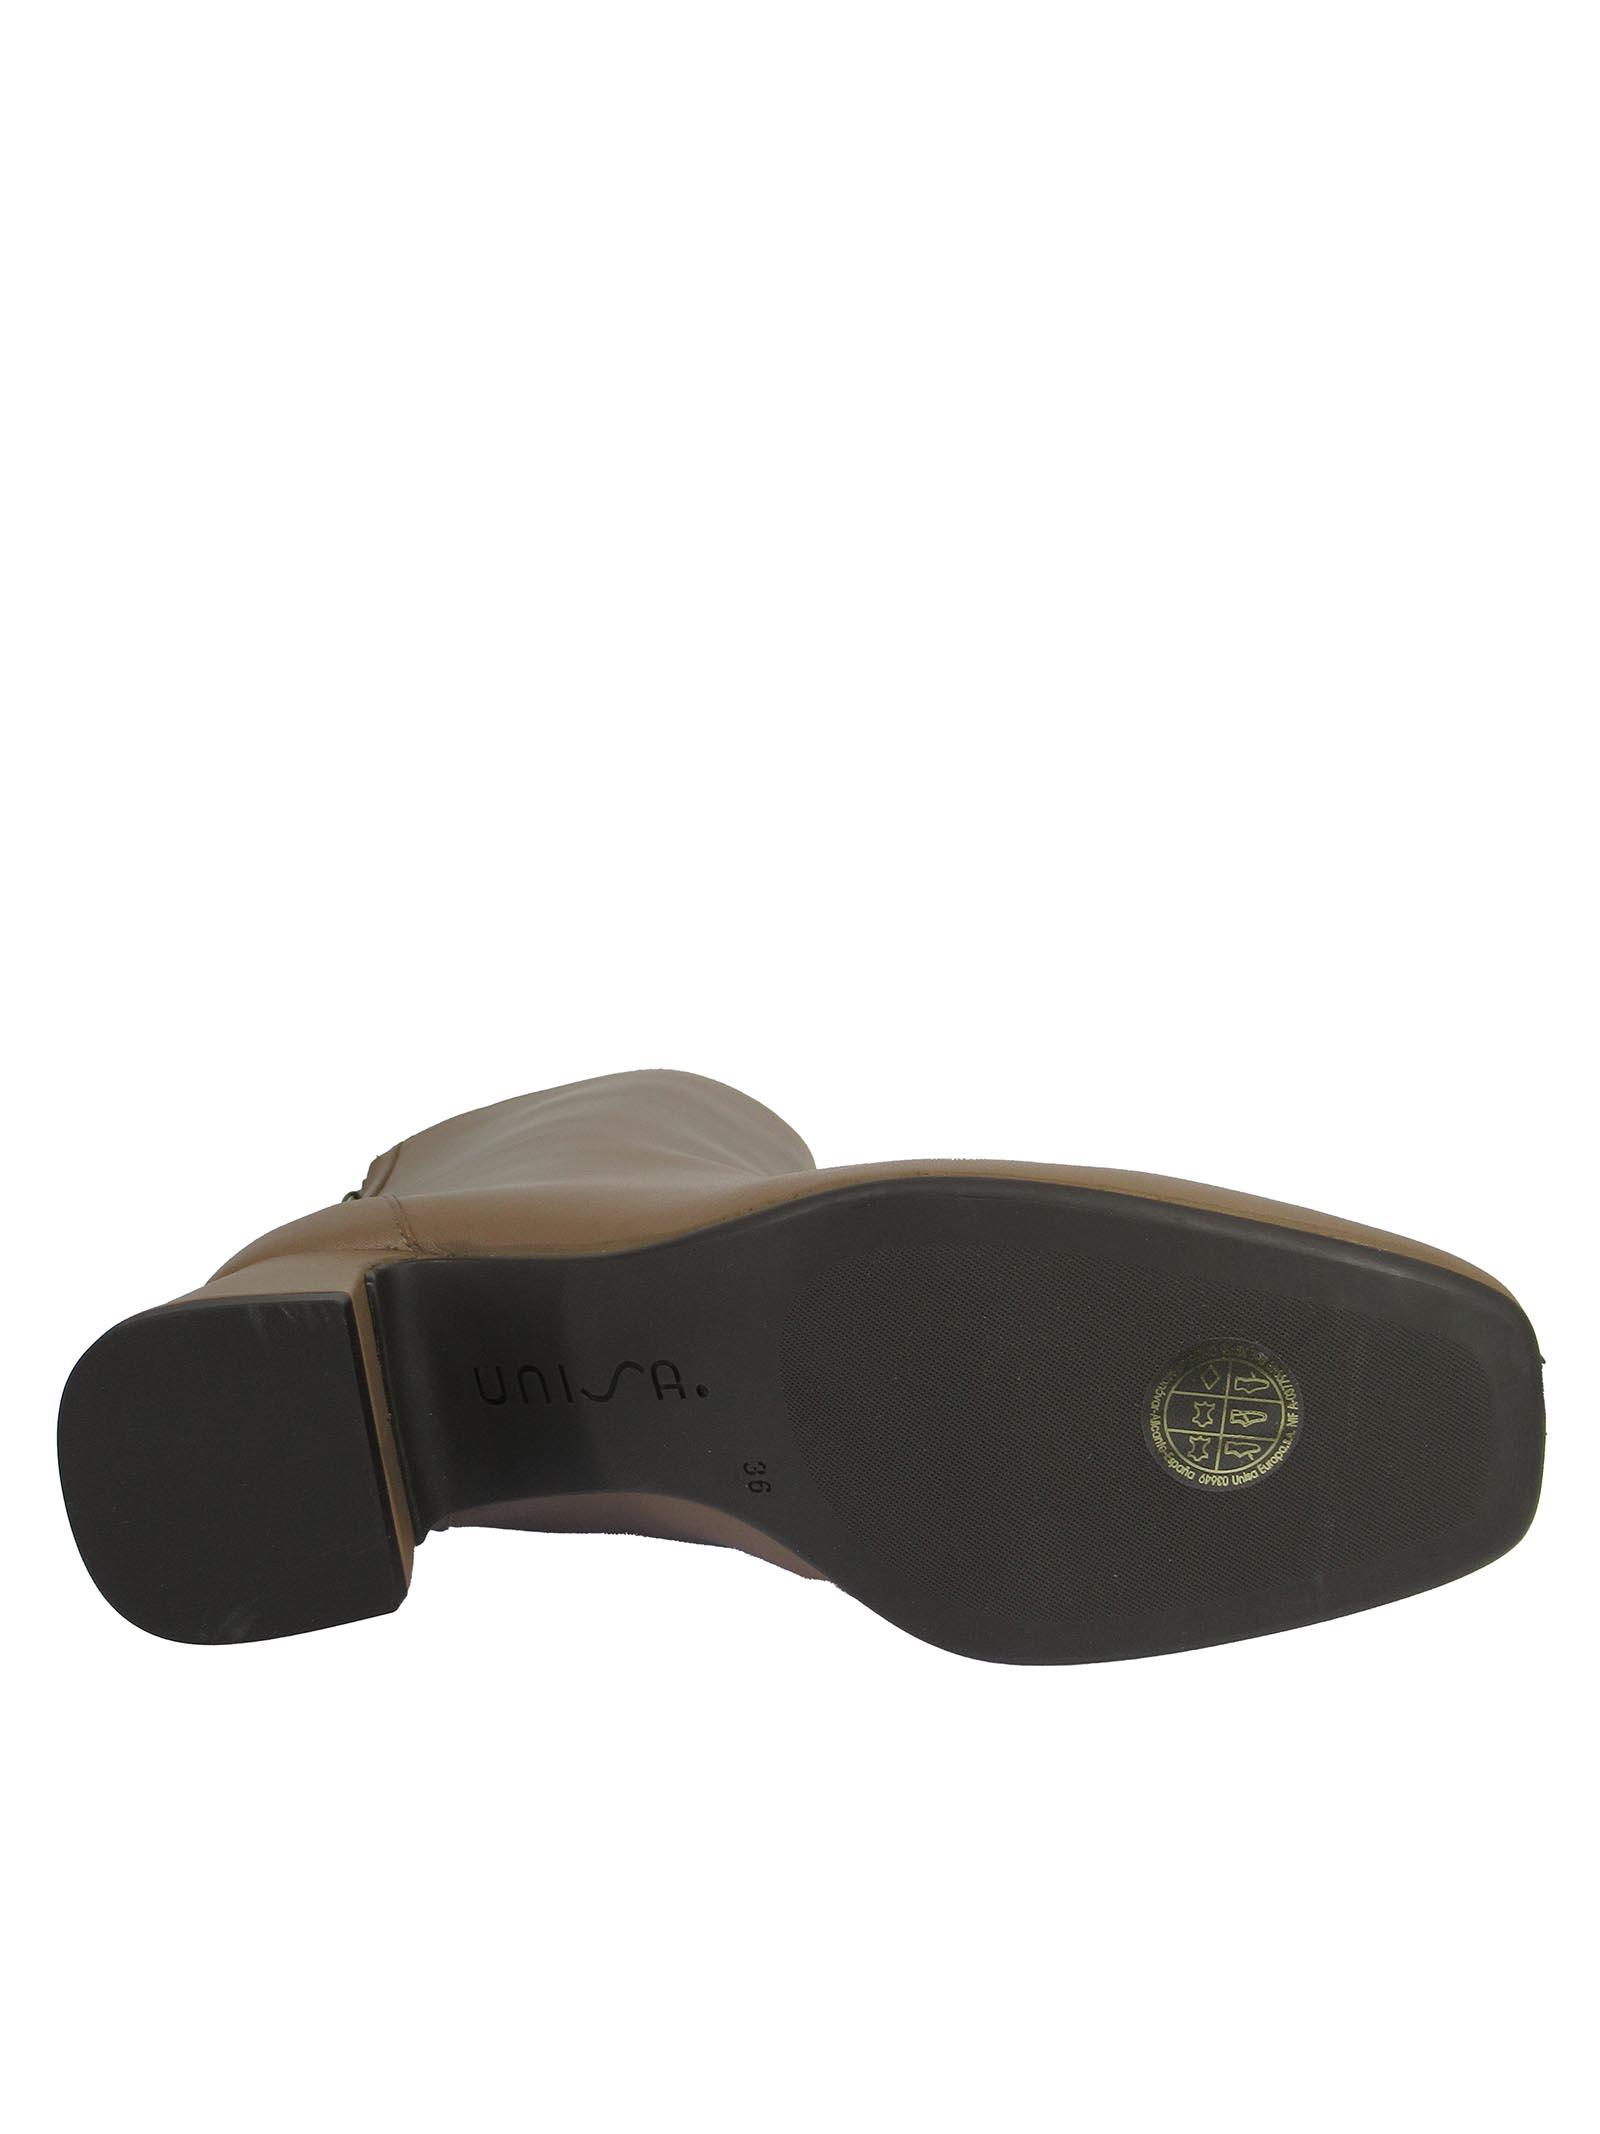 Calzature Donna Stivaletti in Pelle Taupe con Zip Posteriore Tacco in Pelle e Punta Quadra Unisa | Stivaletti | MONCADA023